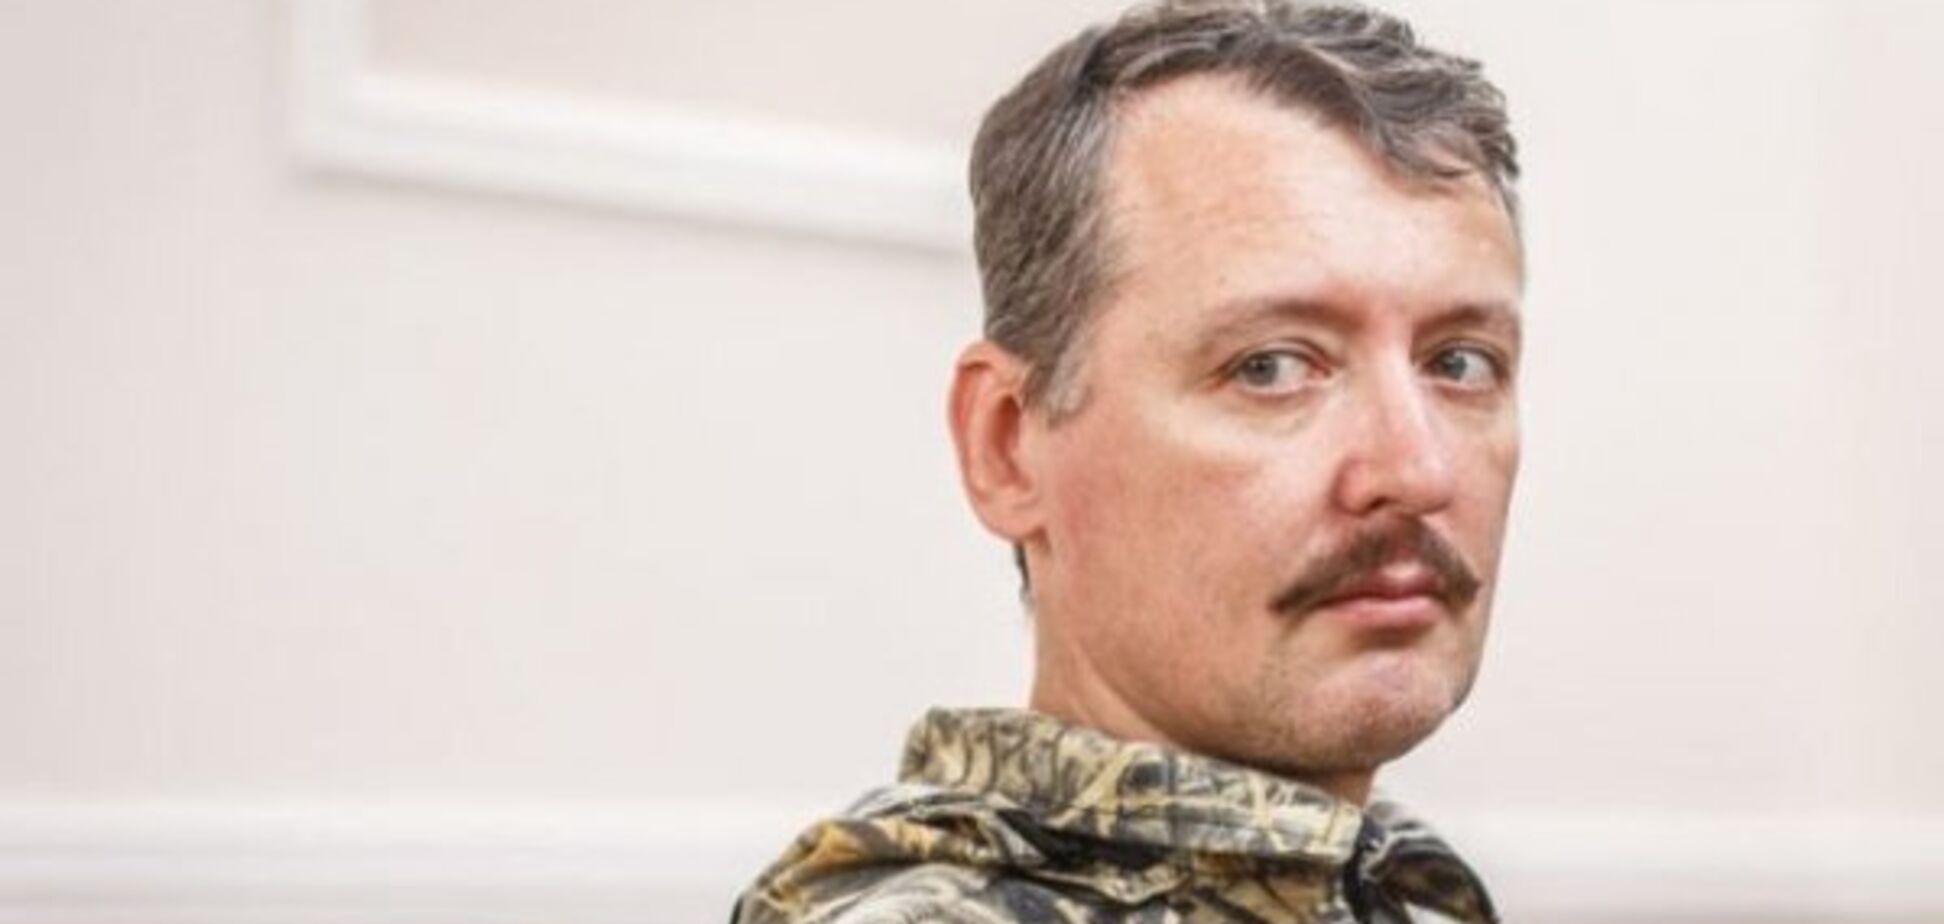 Игорь Гиркин (Стрелков). Источник: nv.ua